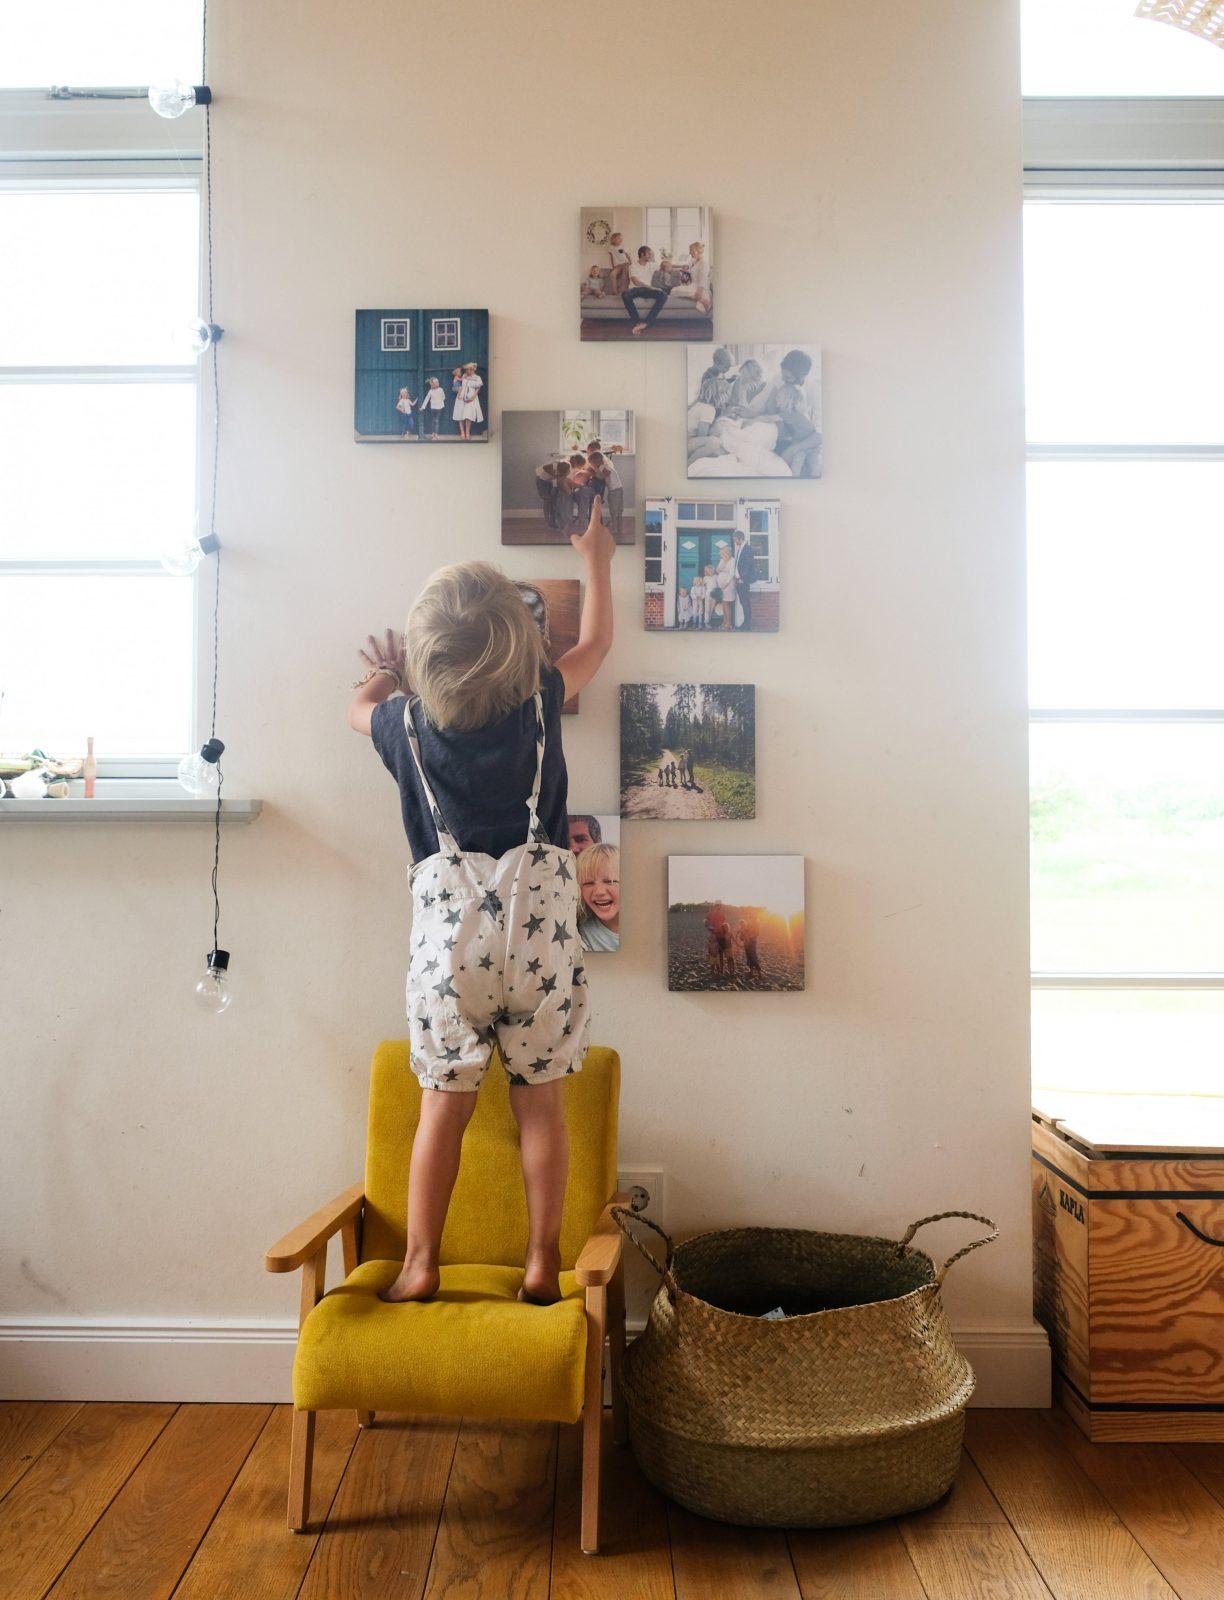 Hübsche Neue Bilder Für Die Wand Oder Eherettung Zum Ankleben von Fotos An Die Wand Photo